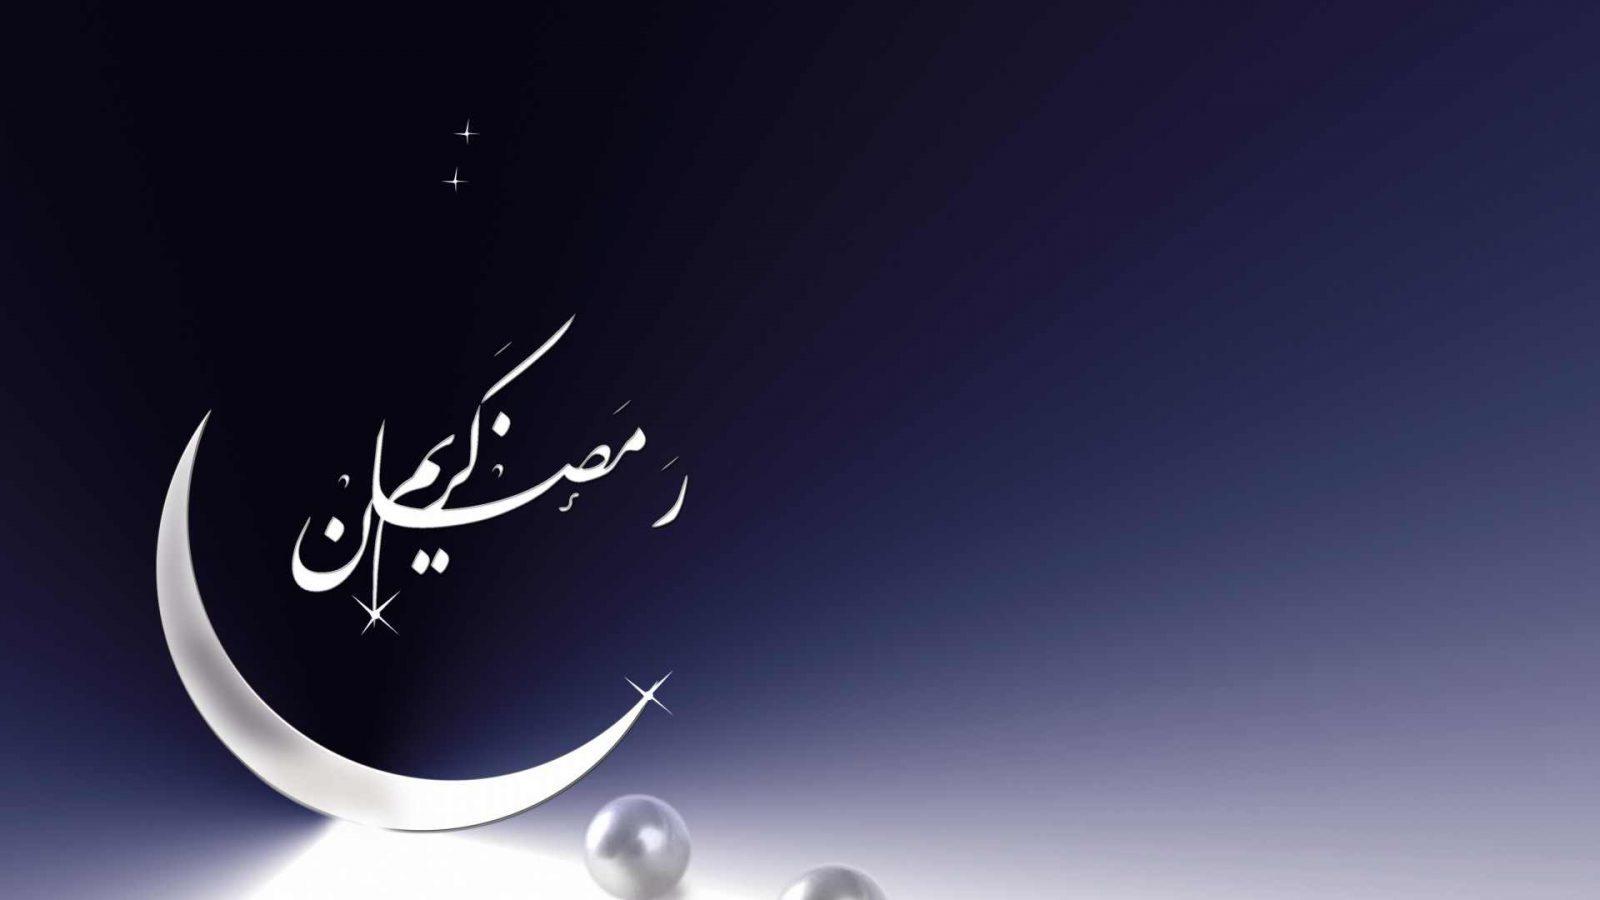 """""""باقي 82 يوم"""" موعد شهر رمضان 2021 وعيد الفطر بمصر والسعودية والدول العربية.. اللهم بلغنا رمضان 2"""